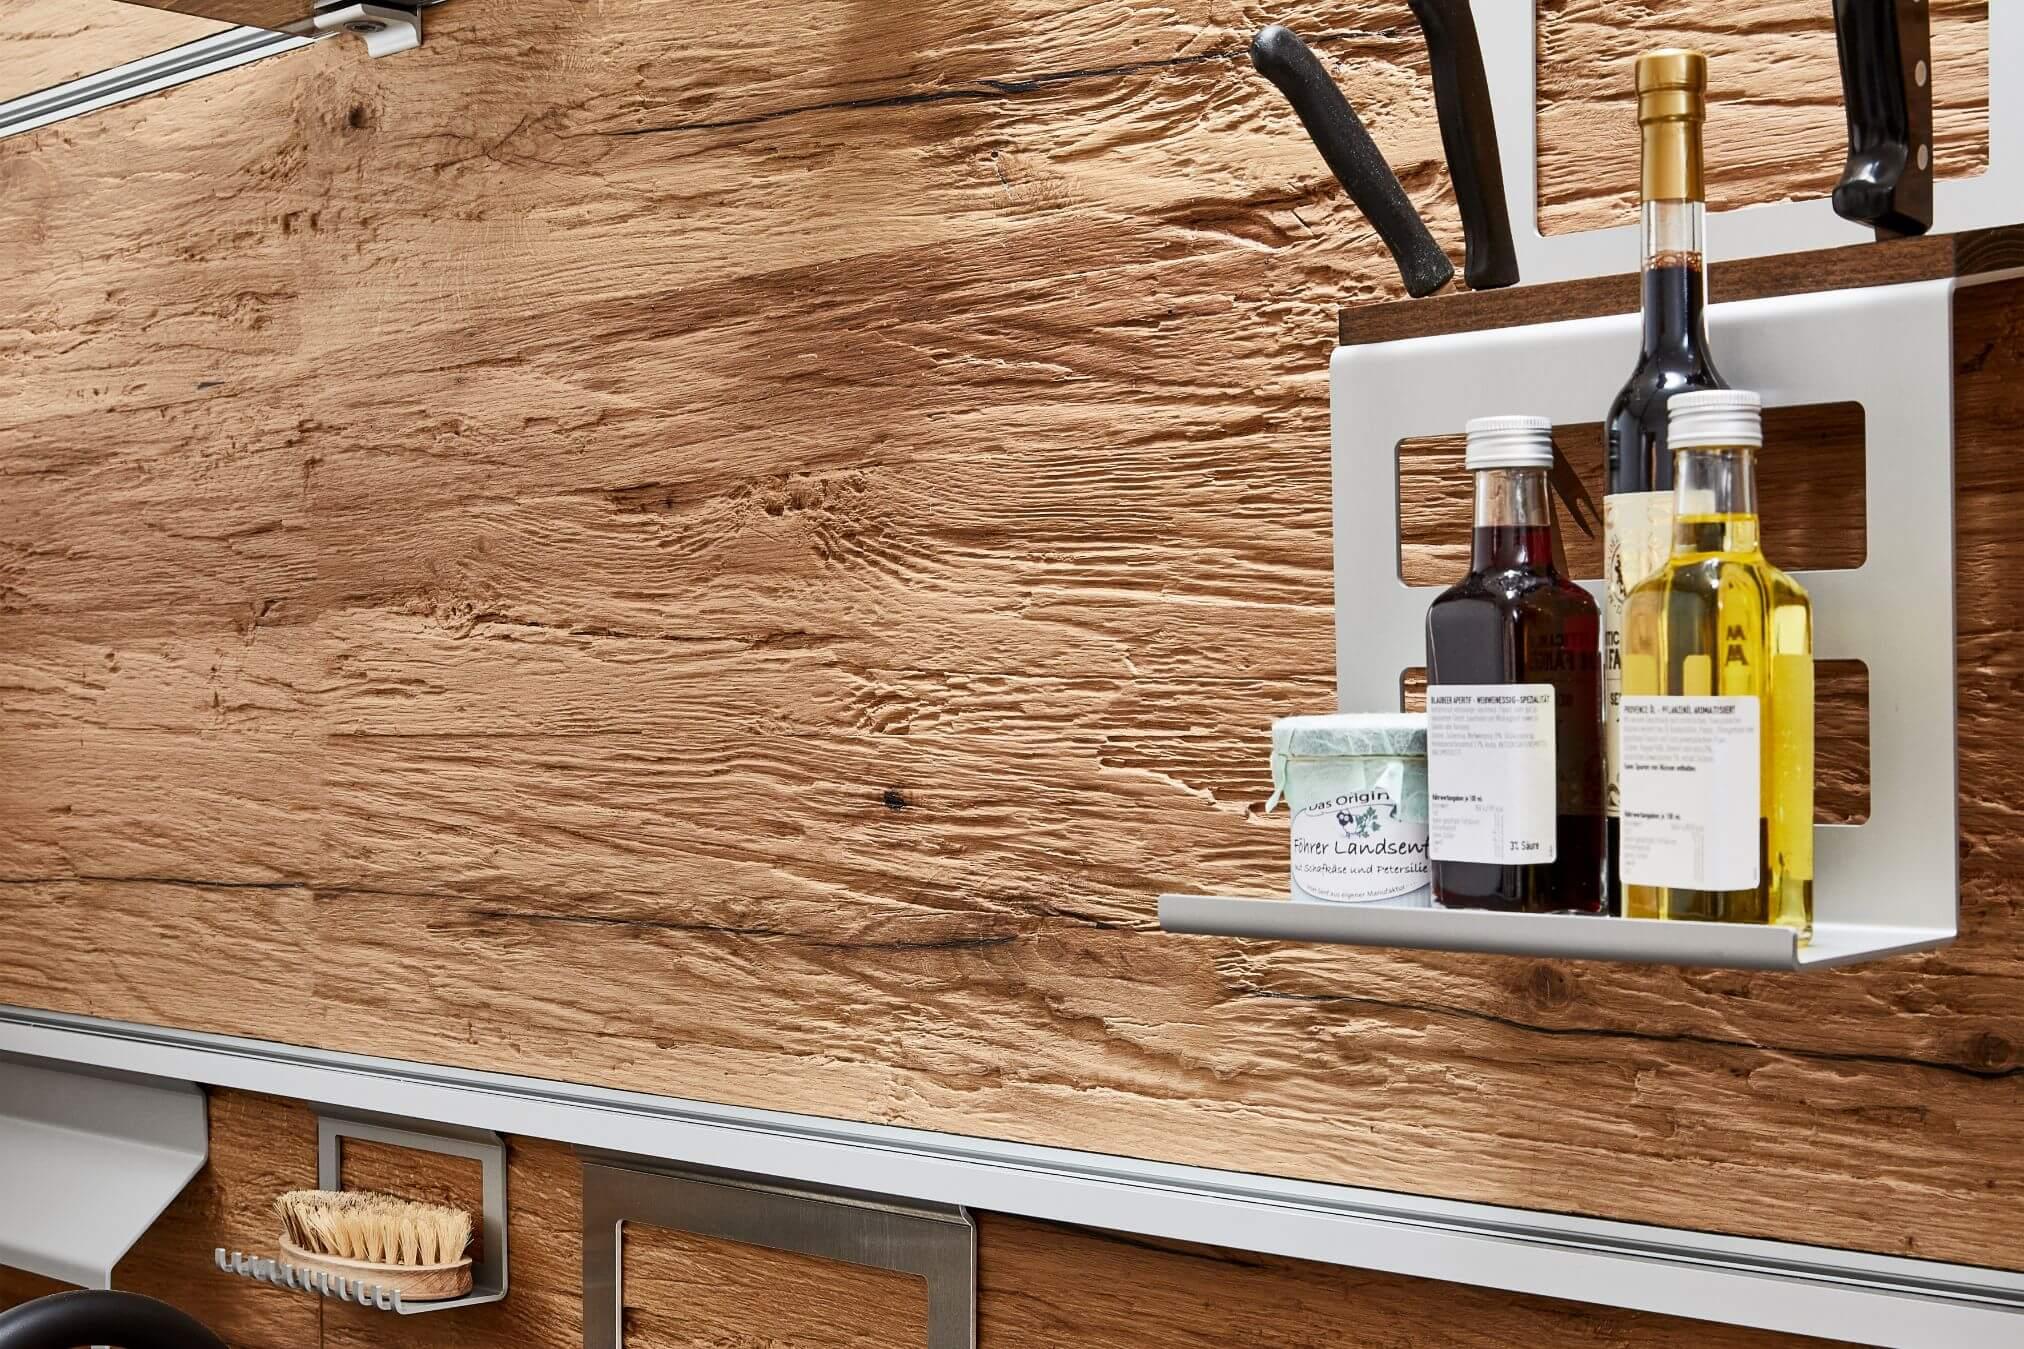 Chopped-Wood-Küche-Altholz-bearbeitet.